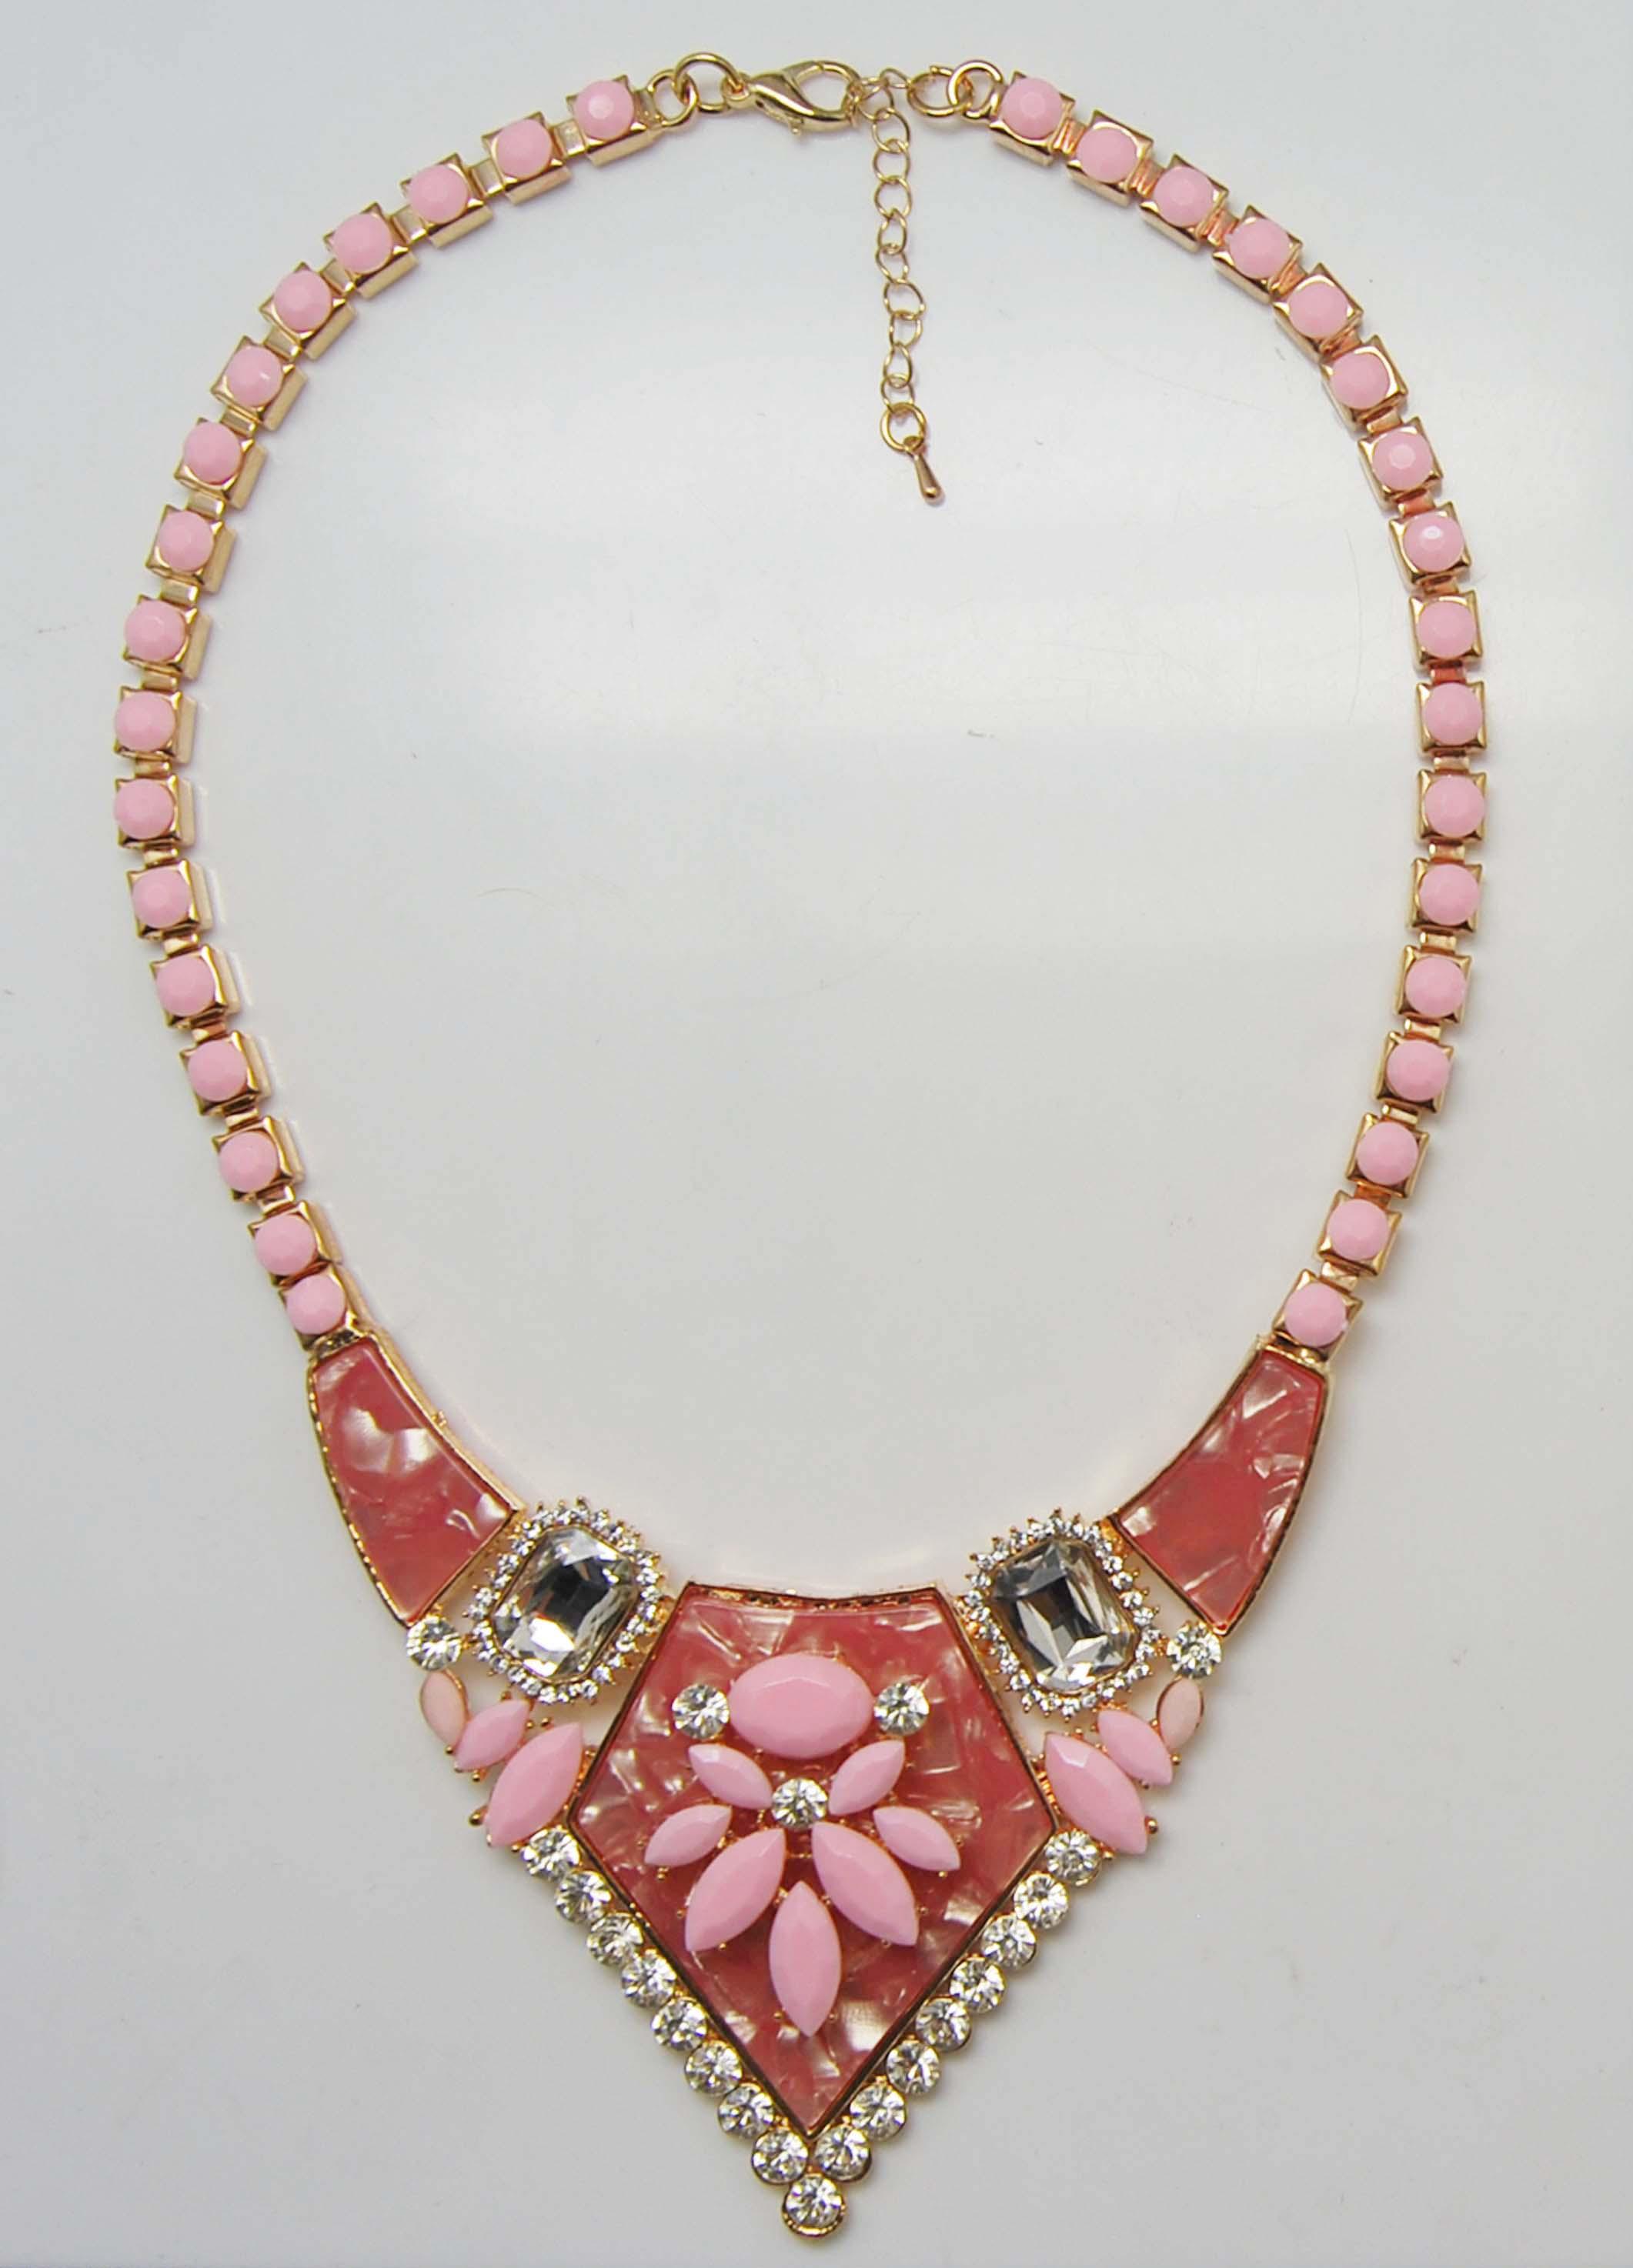 可爱甜美粉色系时尚项链